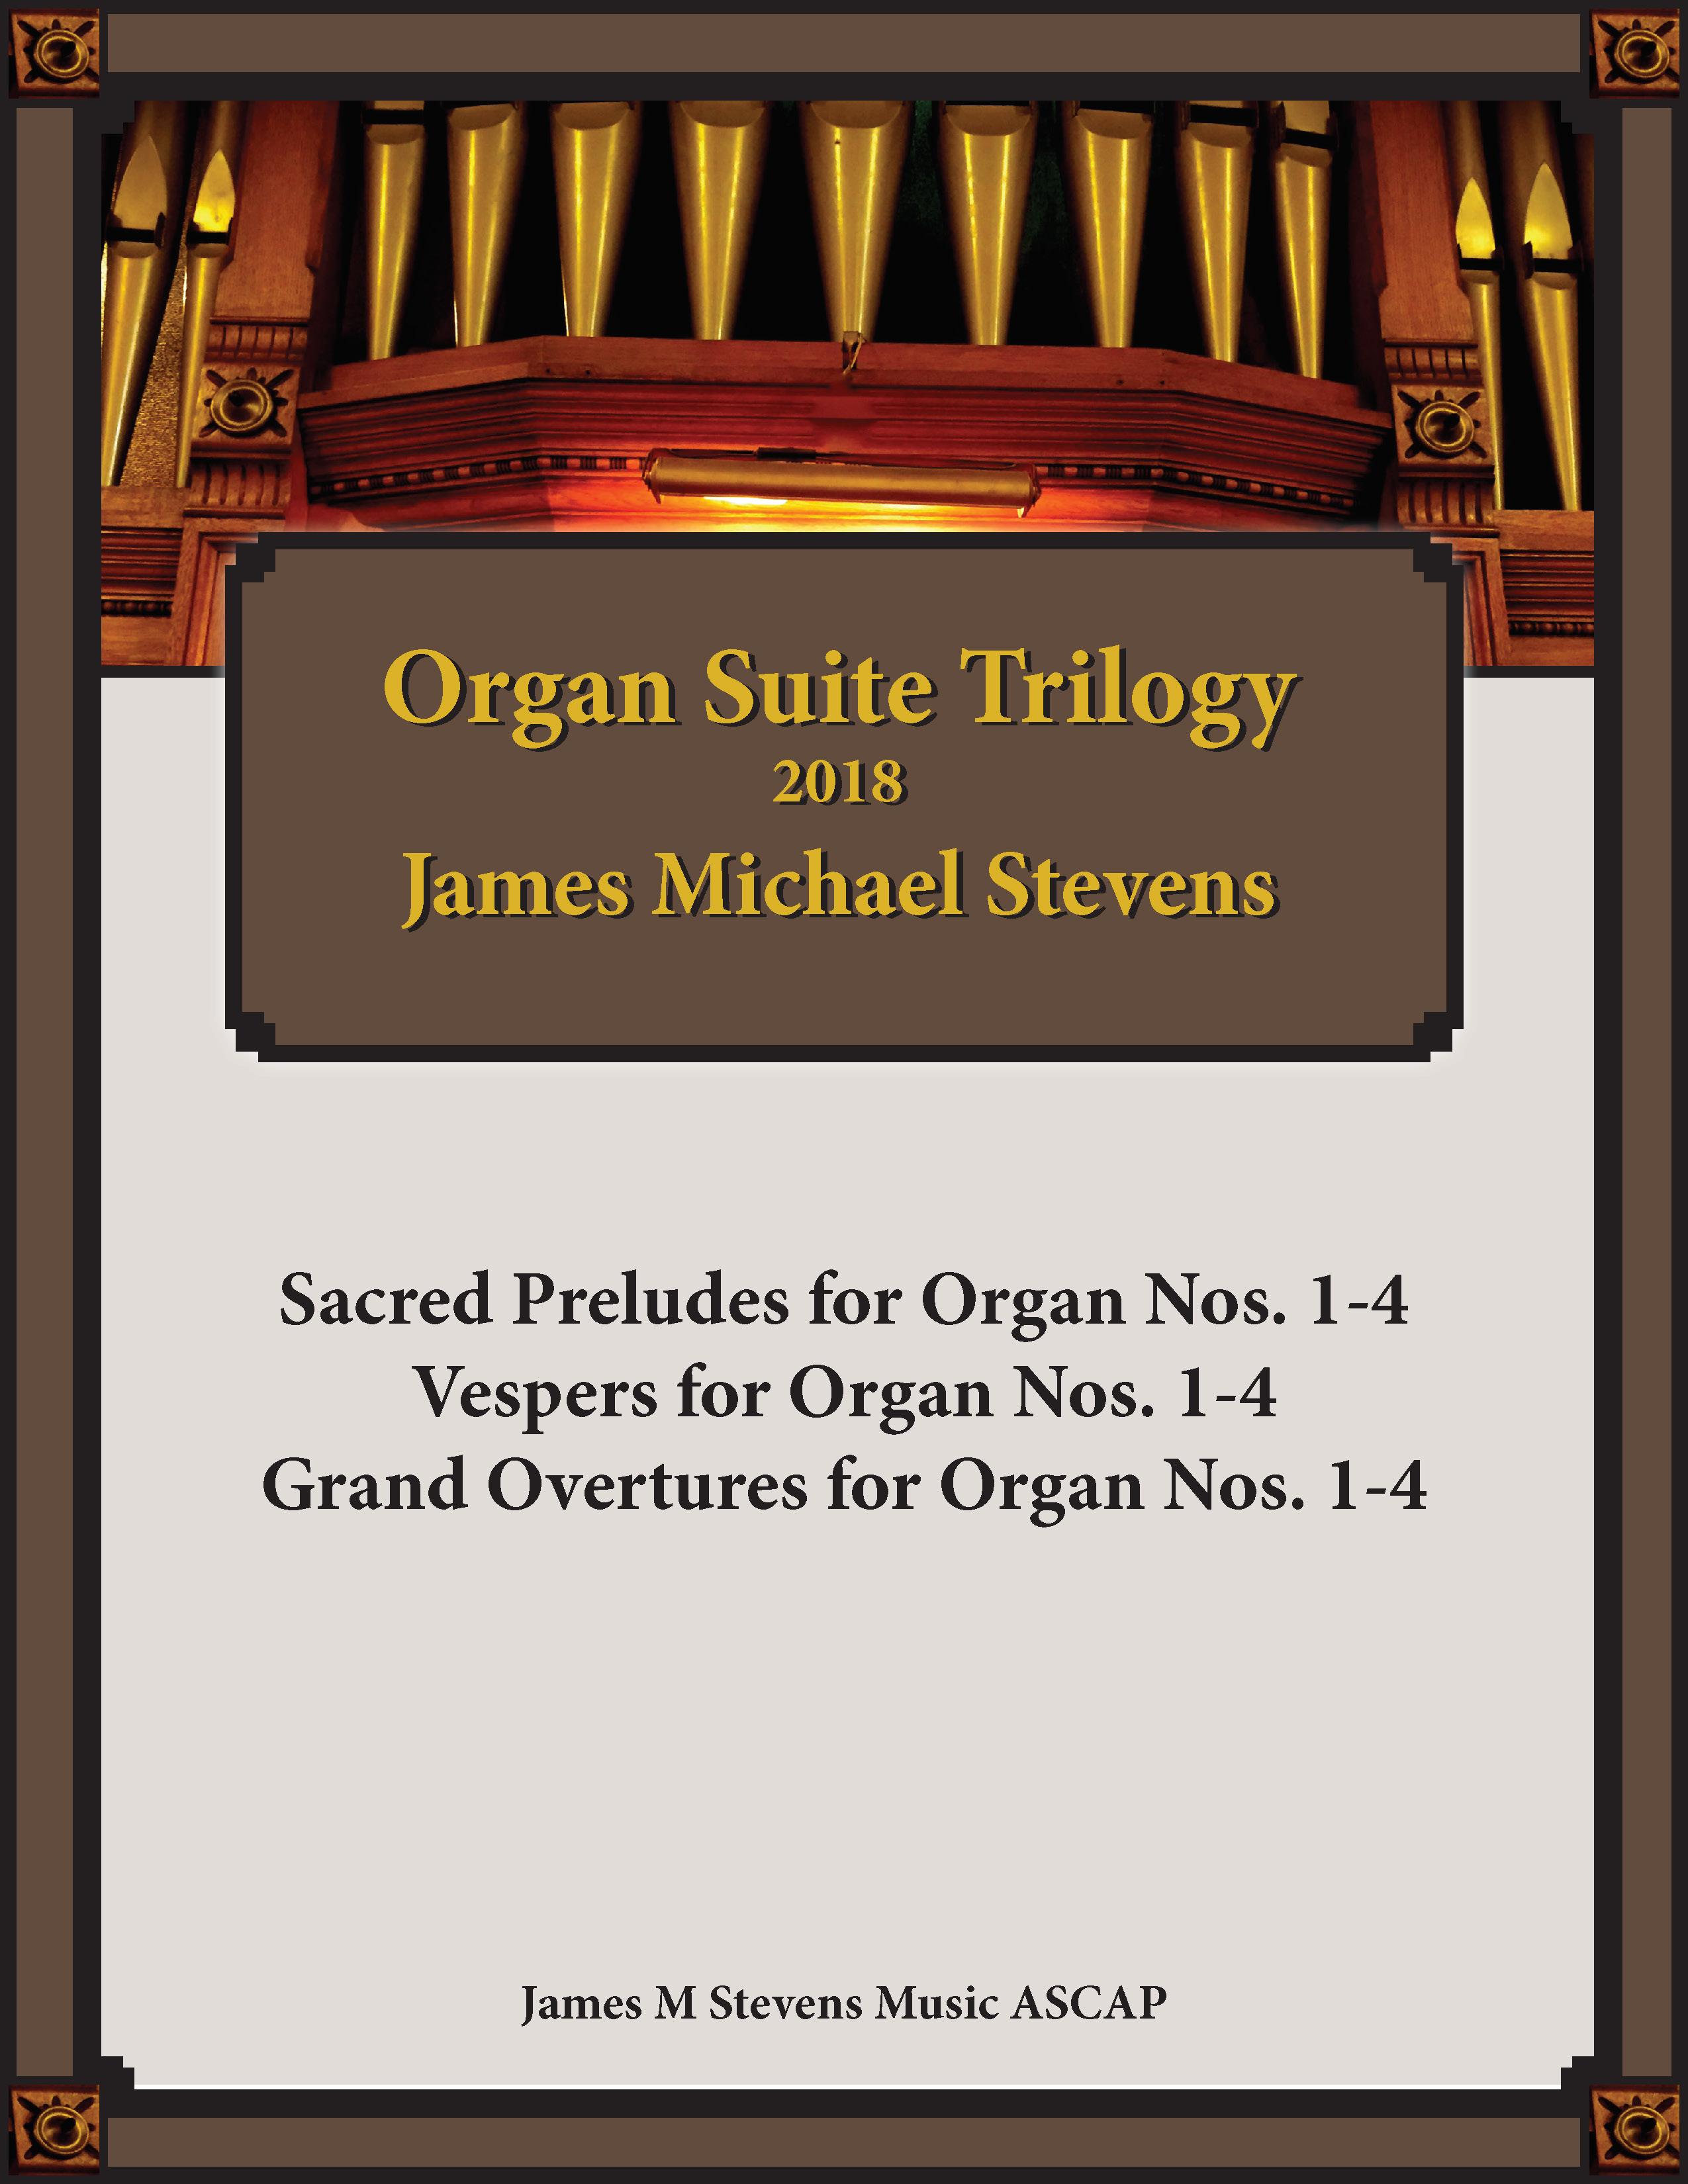 Organ Suite Trilogy